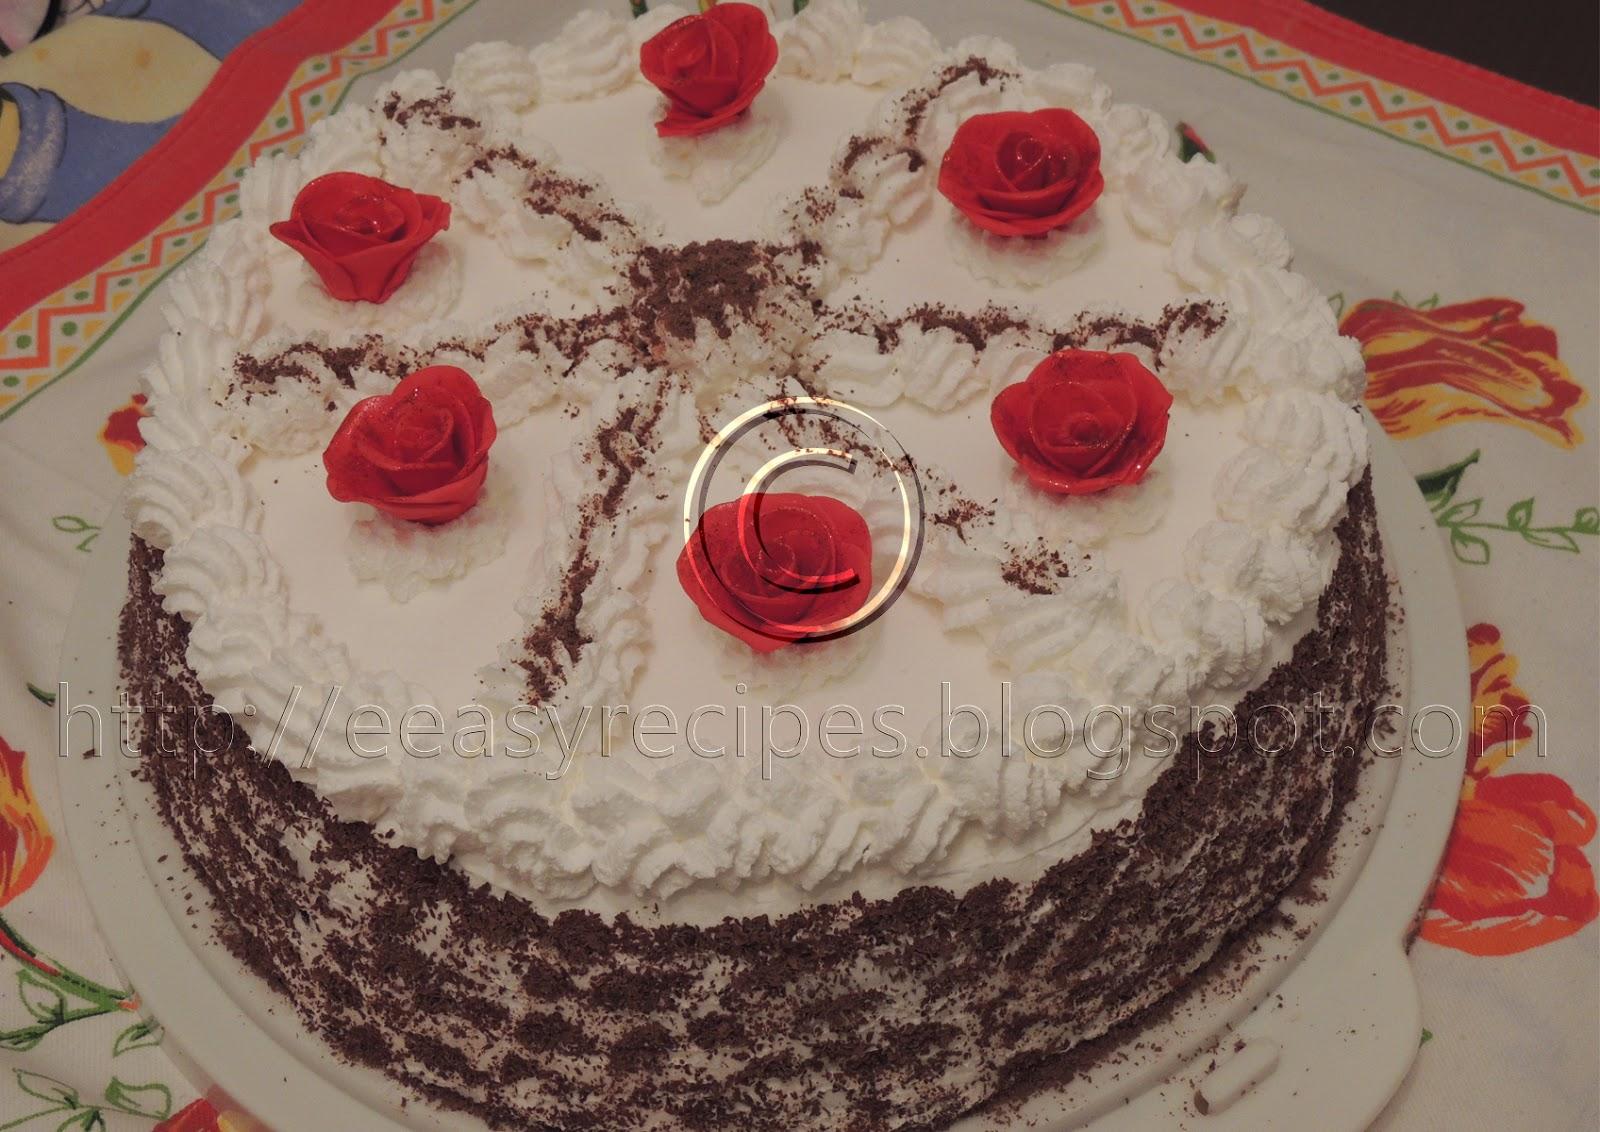 Cokoladna torta sa pavlakom